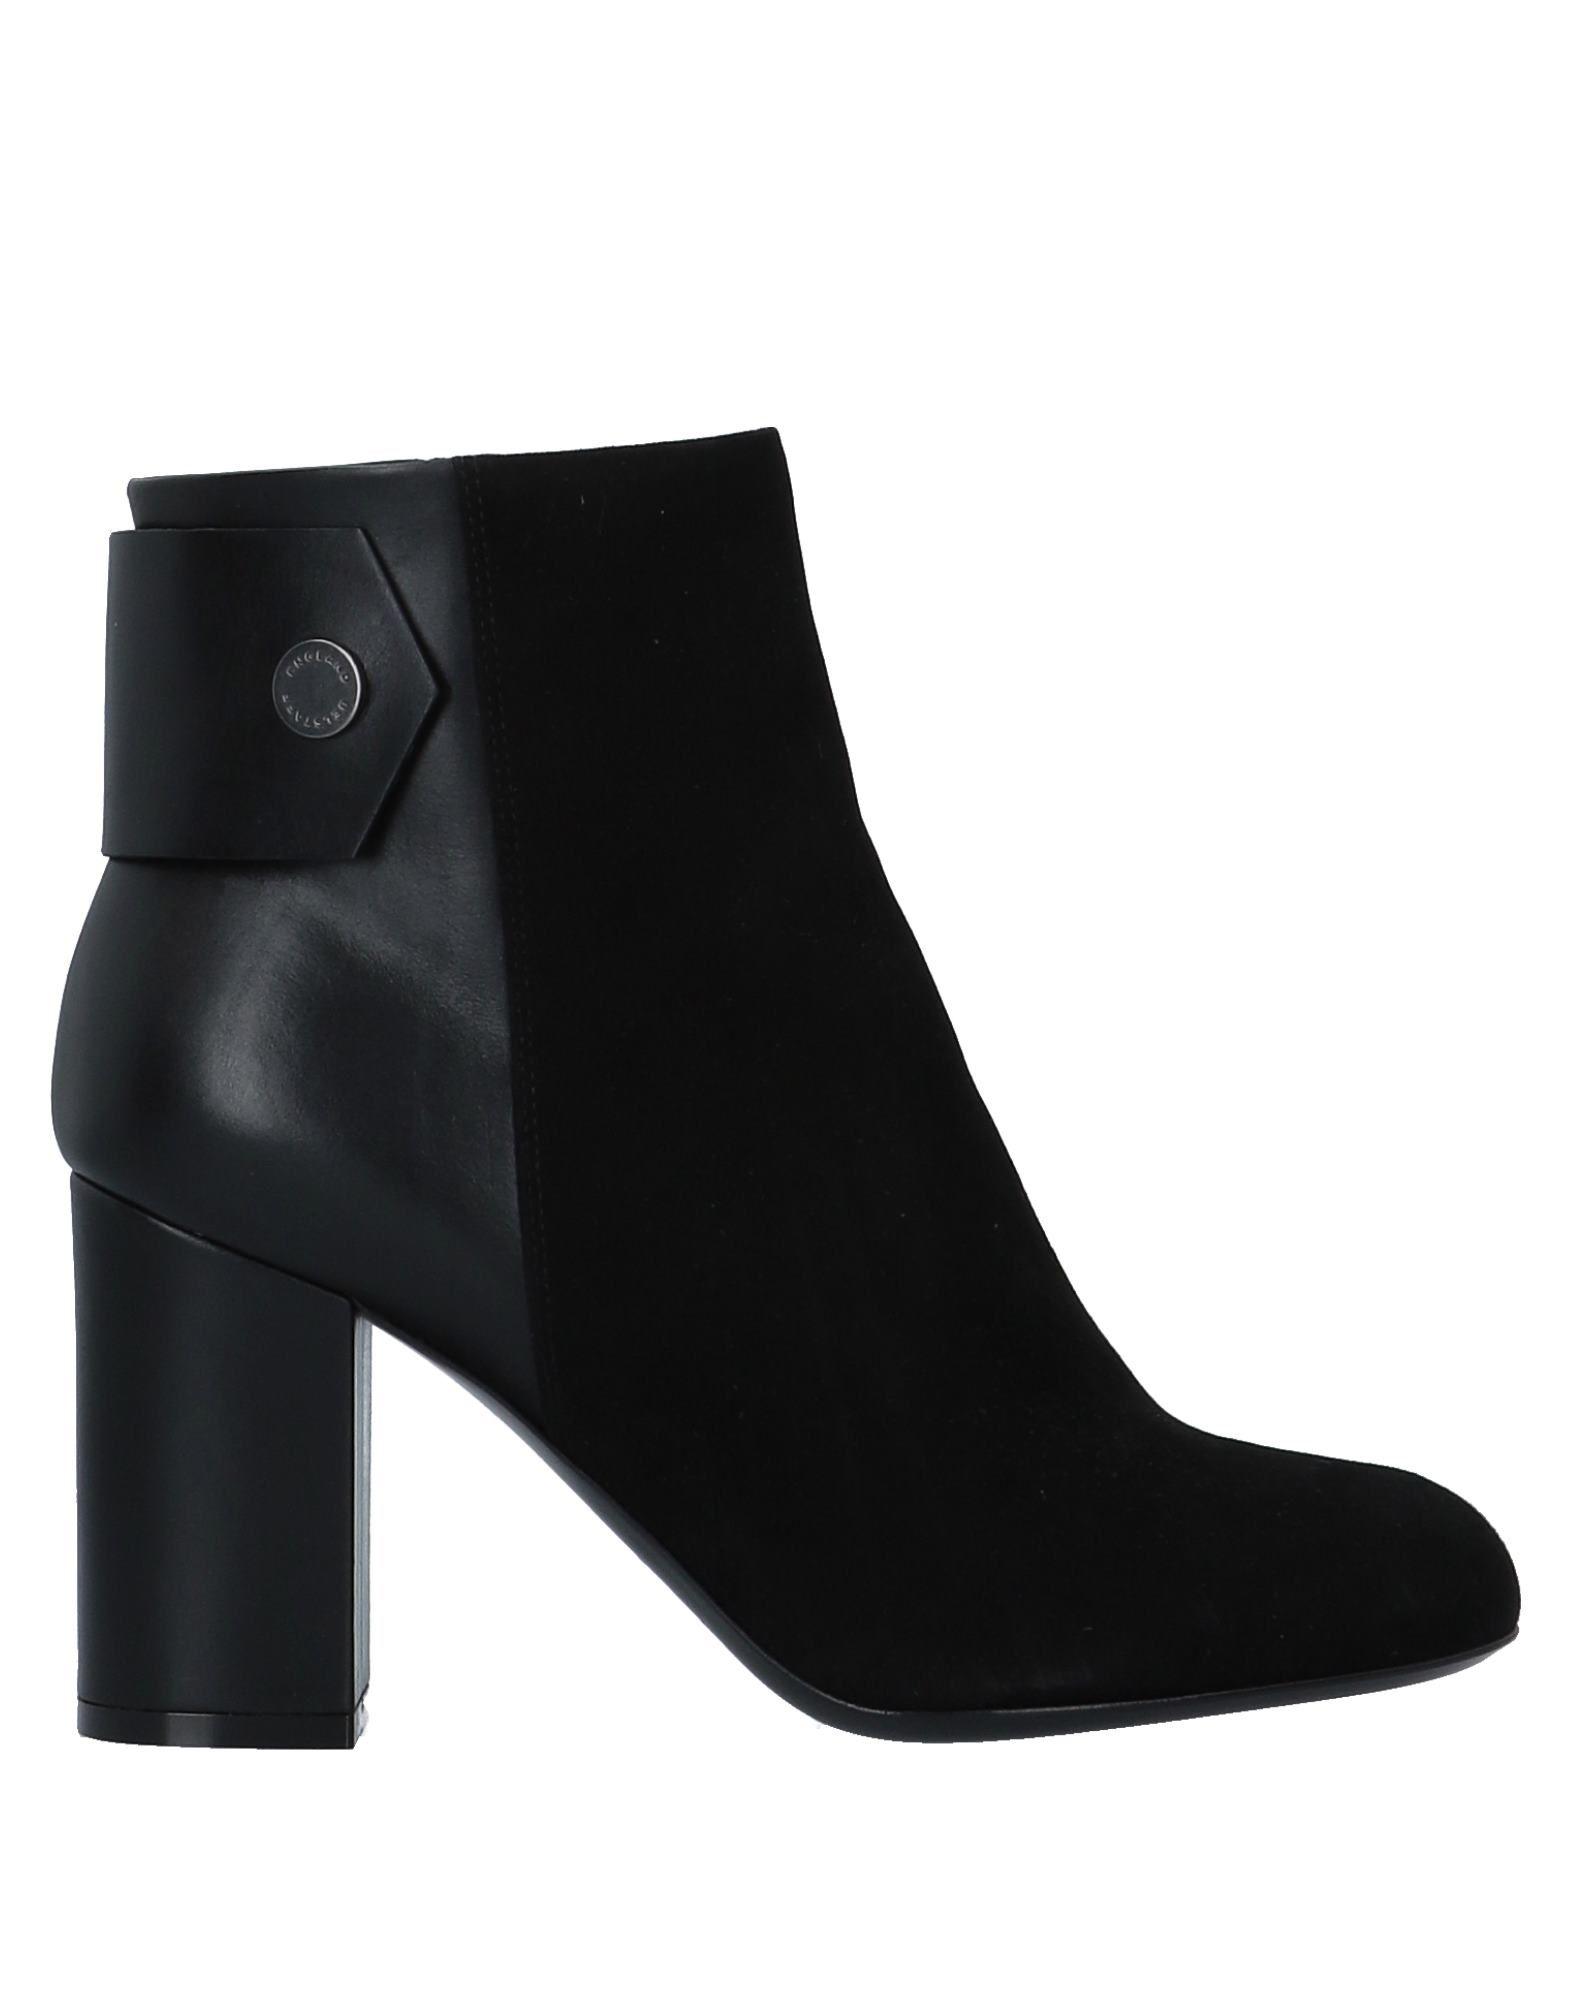 Belstaff Stiefelette Damen  11537745LOGünstige gut aussehende Schuhe